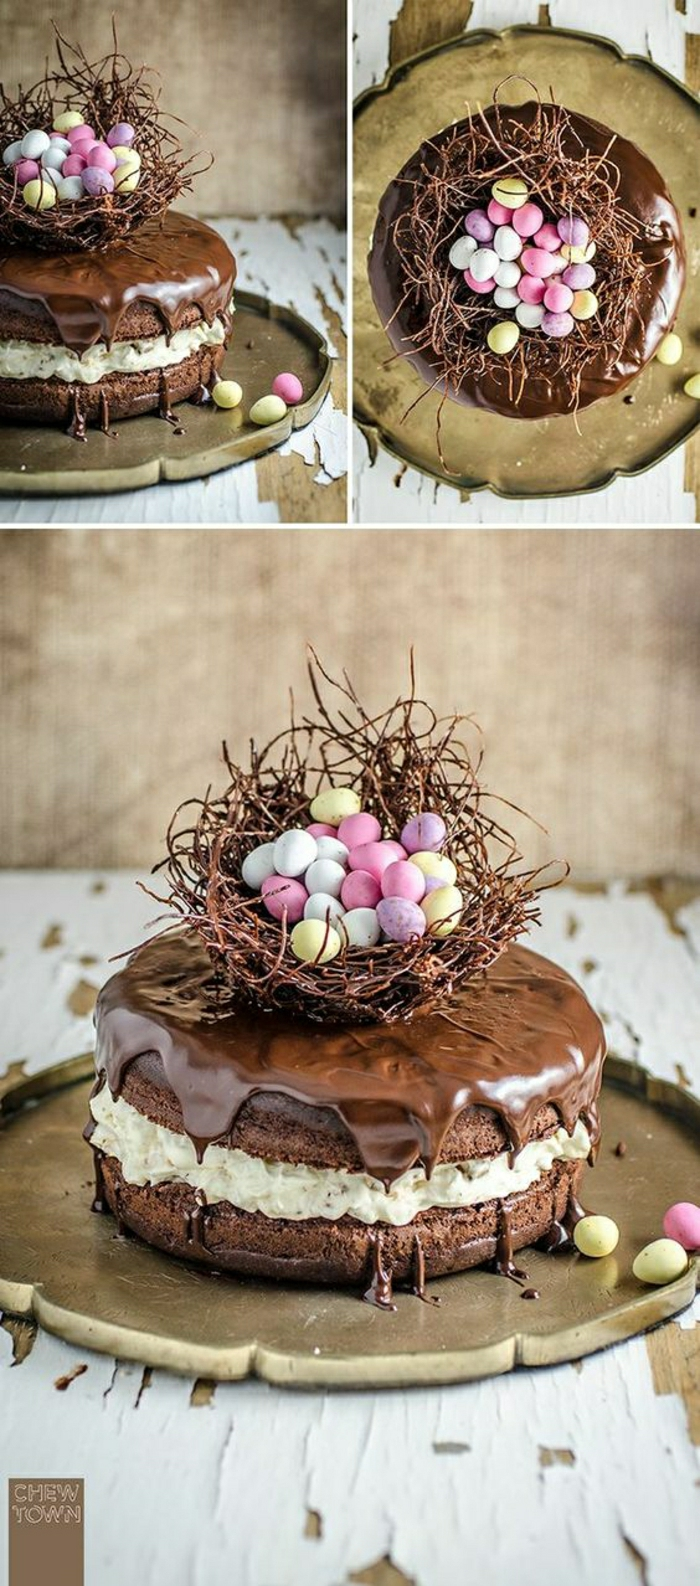 Schoko Torte mit Oster Motiv Osternest mit kleinen bunten Eiern